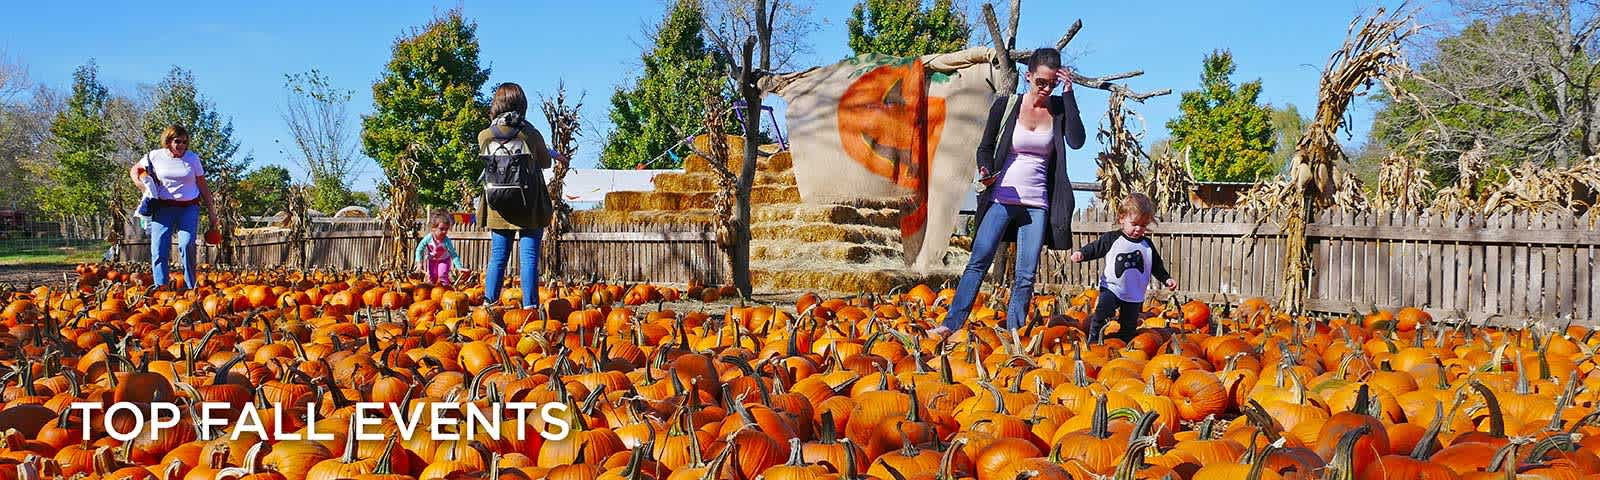 Pumpkin-Hollow-Overland-Park-Fall-Events